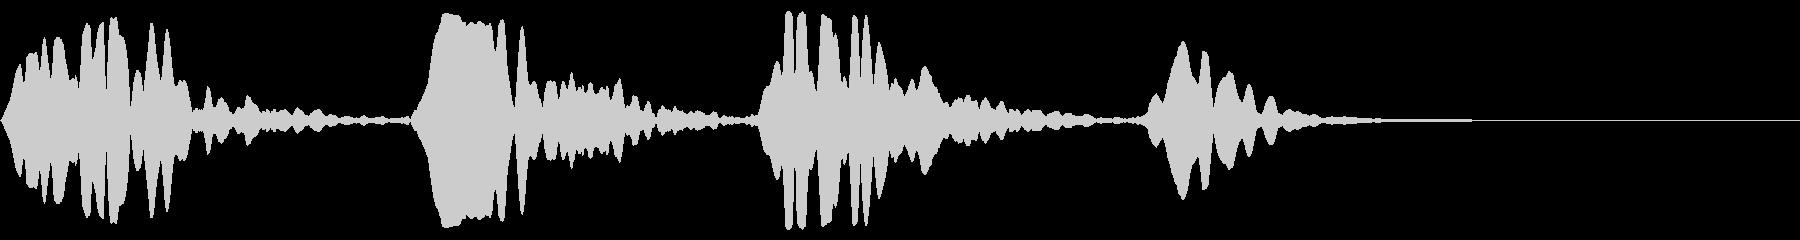 電子の鳴き声:低速およびパルス宇宙...の未再生の波形